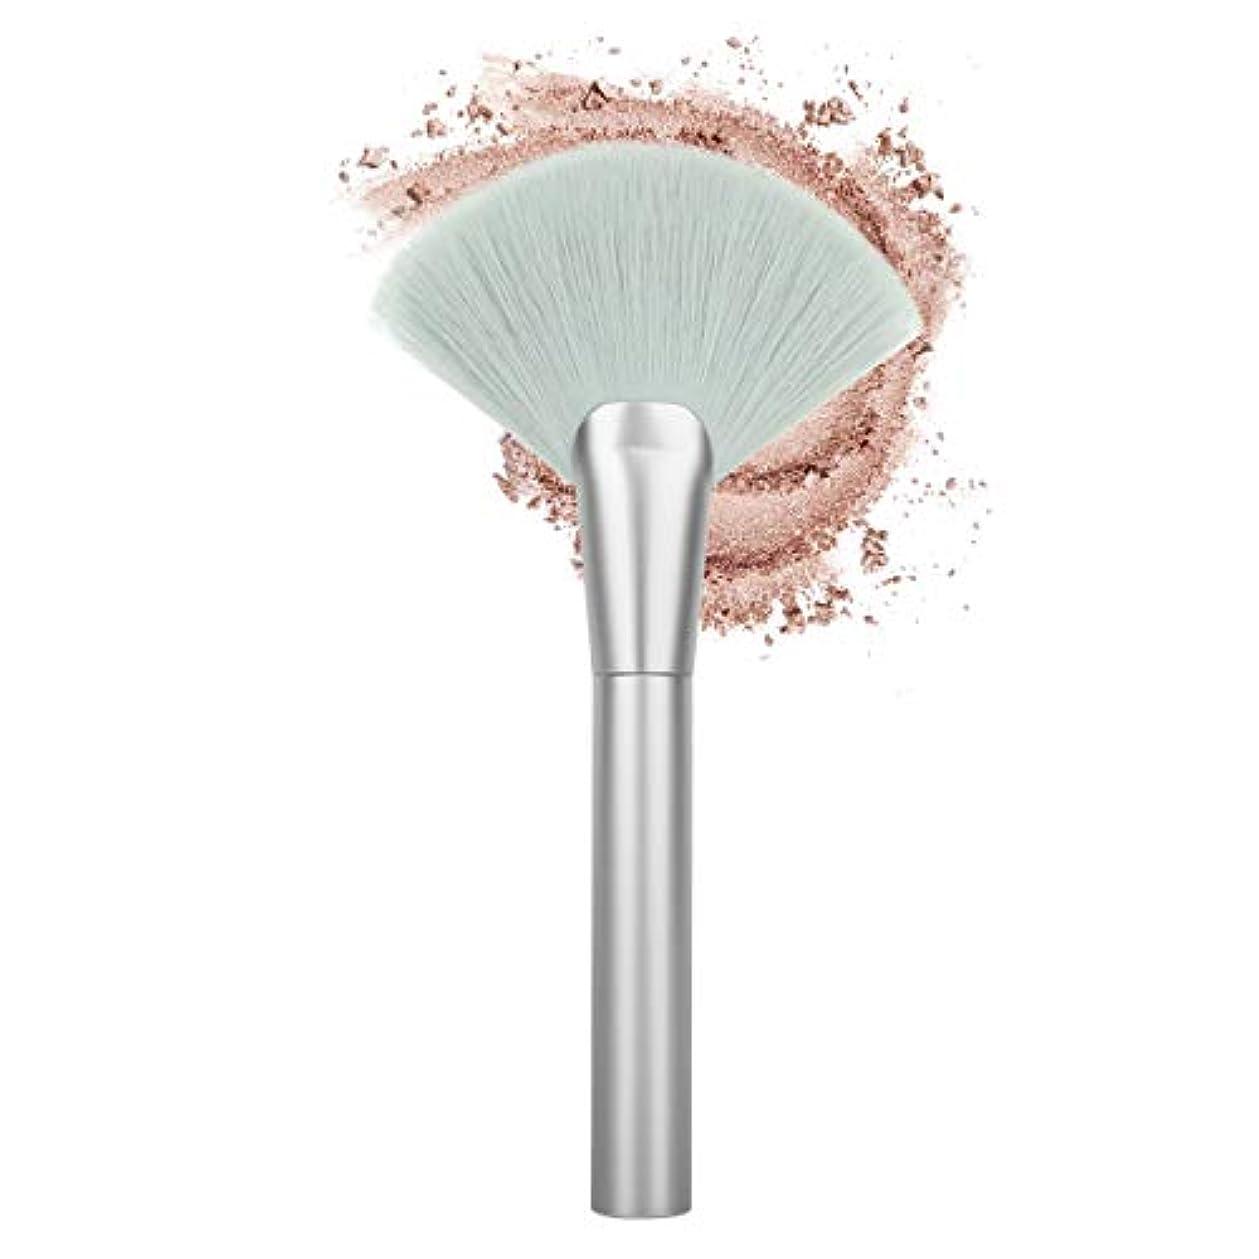 降臨変更抵抗するLuxspire メイクブラシ 化粧 ブラシ 1本 ファンデーションブラシ シャドウ フェイスブラシ 高級 化粧筆 扇形 ふわふわ 敏感肌適用 高級タクロン 清らか 緑銀色